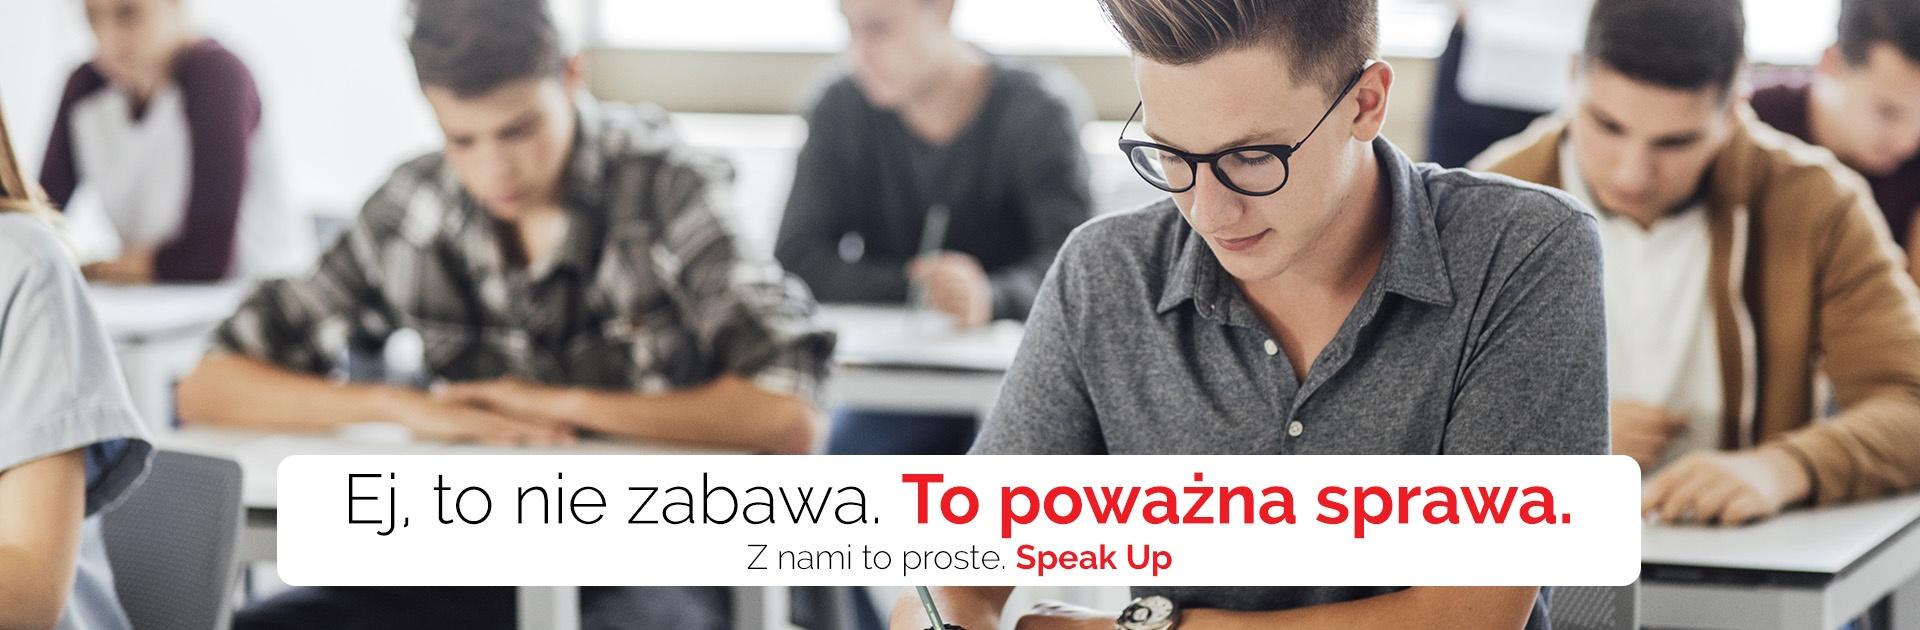 Kurs przygotowujący do egzaminu dla ósmoklasisty z języka angielskiego w Speak Up